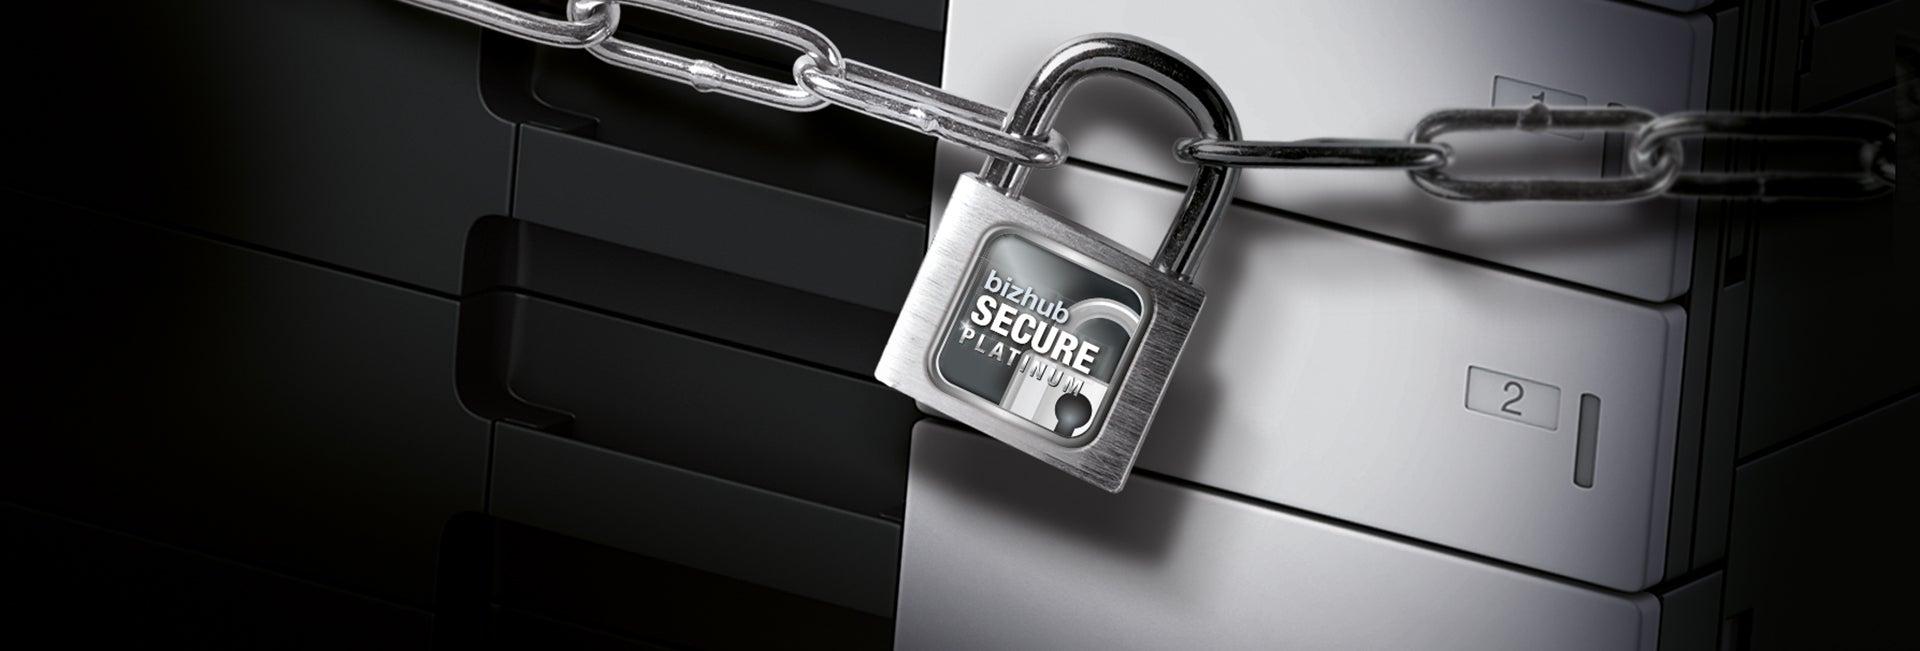 Schloss mit dem Logo von bizhub Secure Ultimate vor einem Multifunktionsdrucker von Konica Minolat